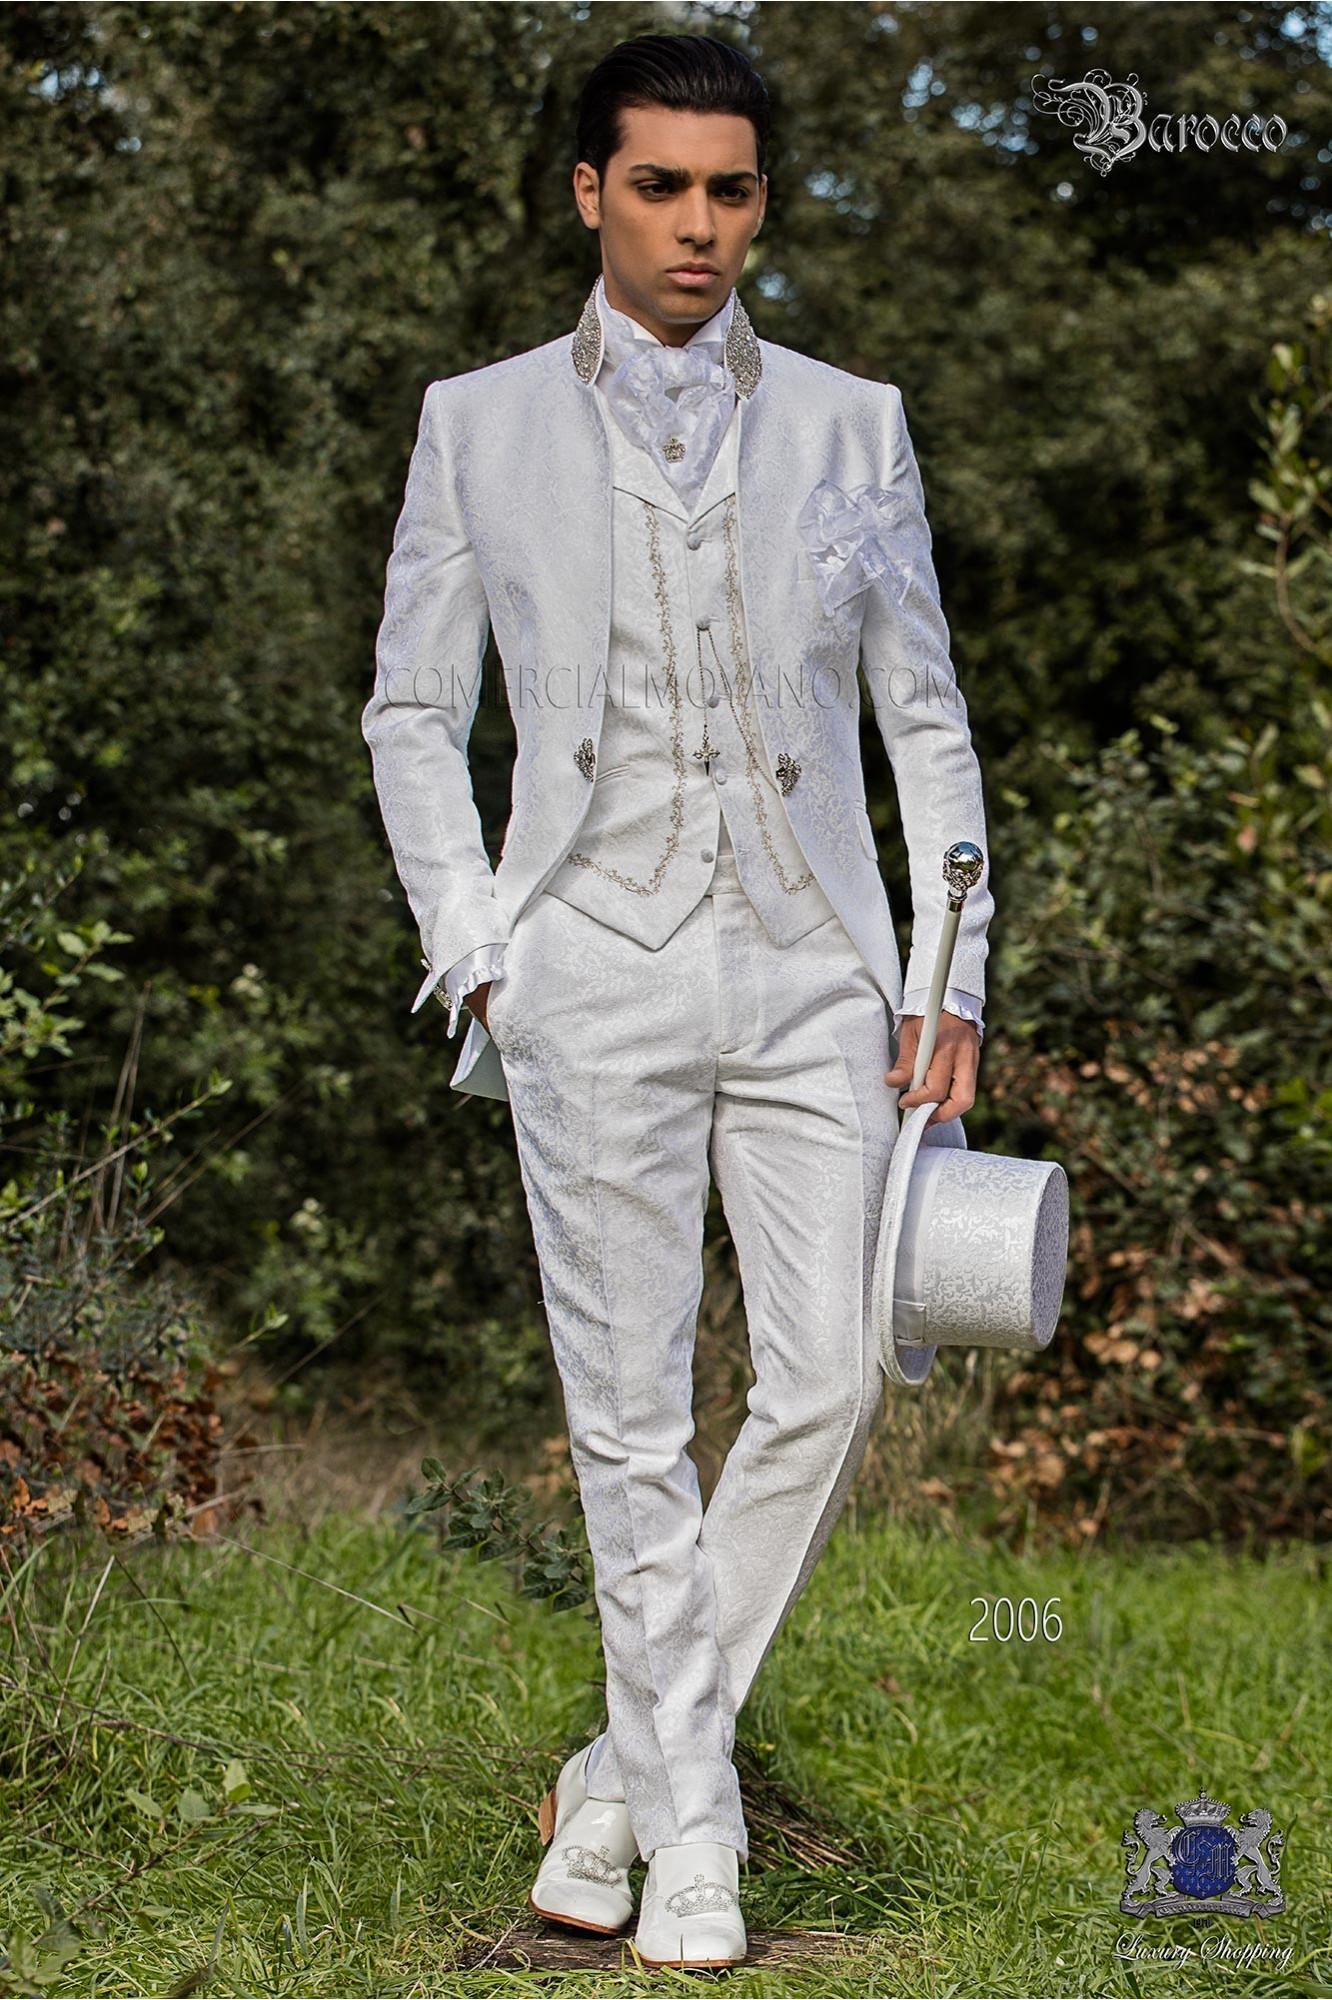 Baroque men wedding suits, collection Ottavio Nuccio Gala italian ...